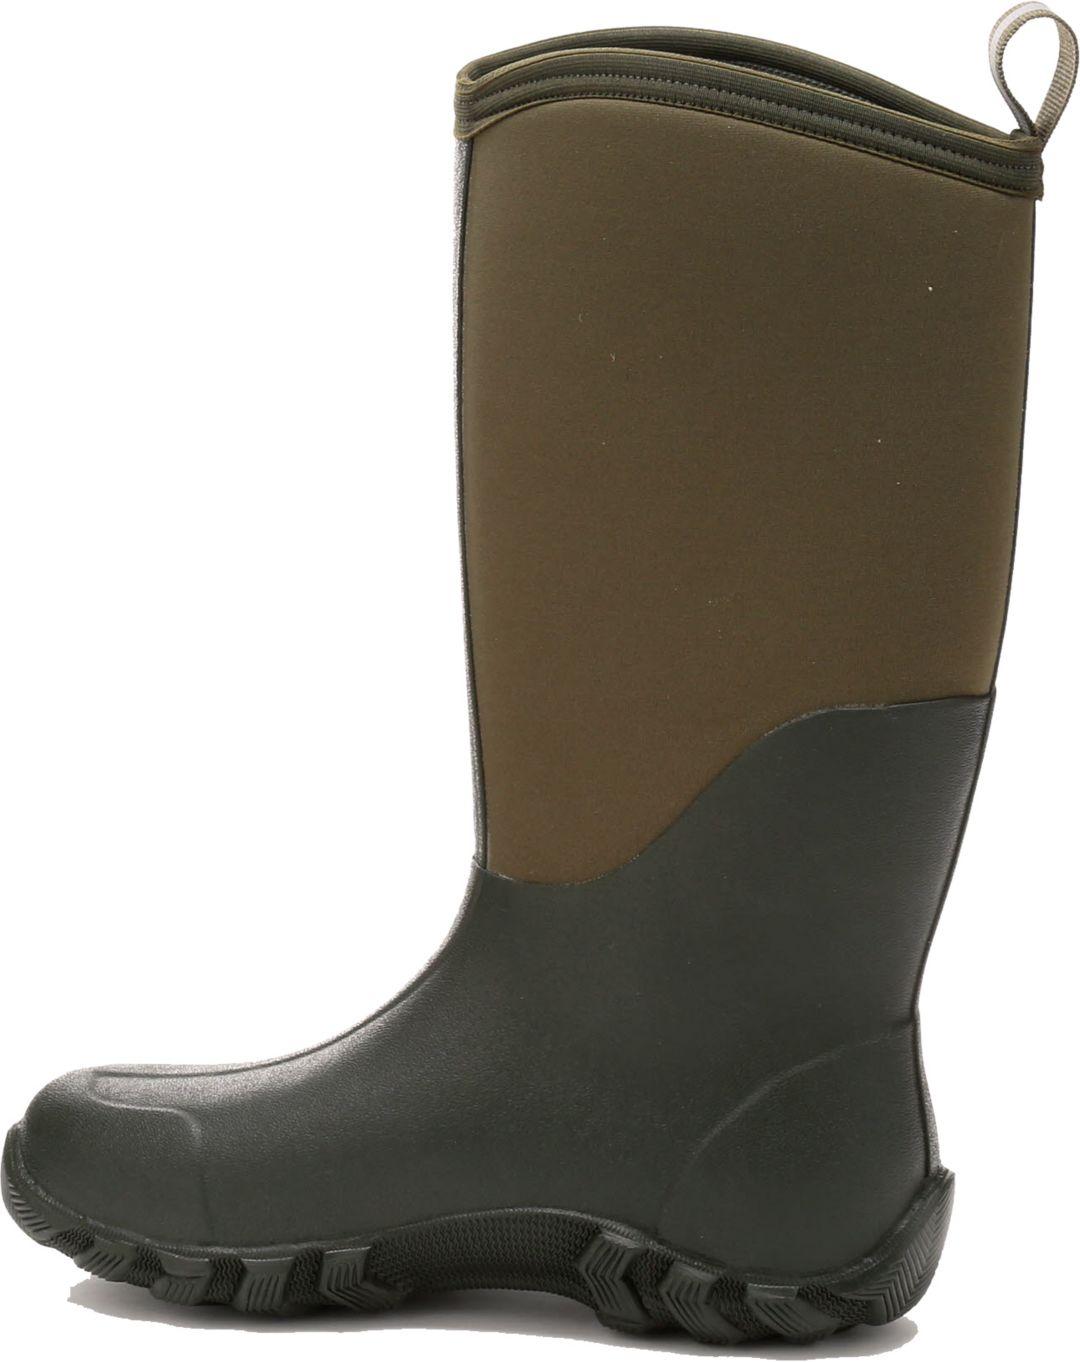 4d1c9a2546e Muck Boots Men's Edgewater II Tall Rubber Boots